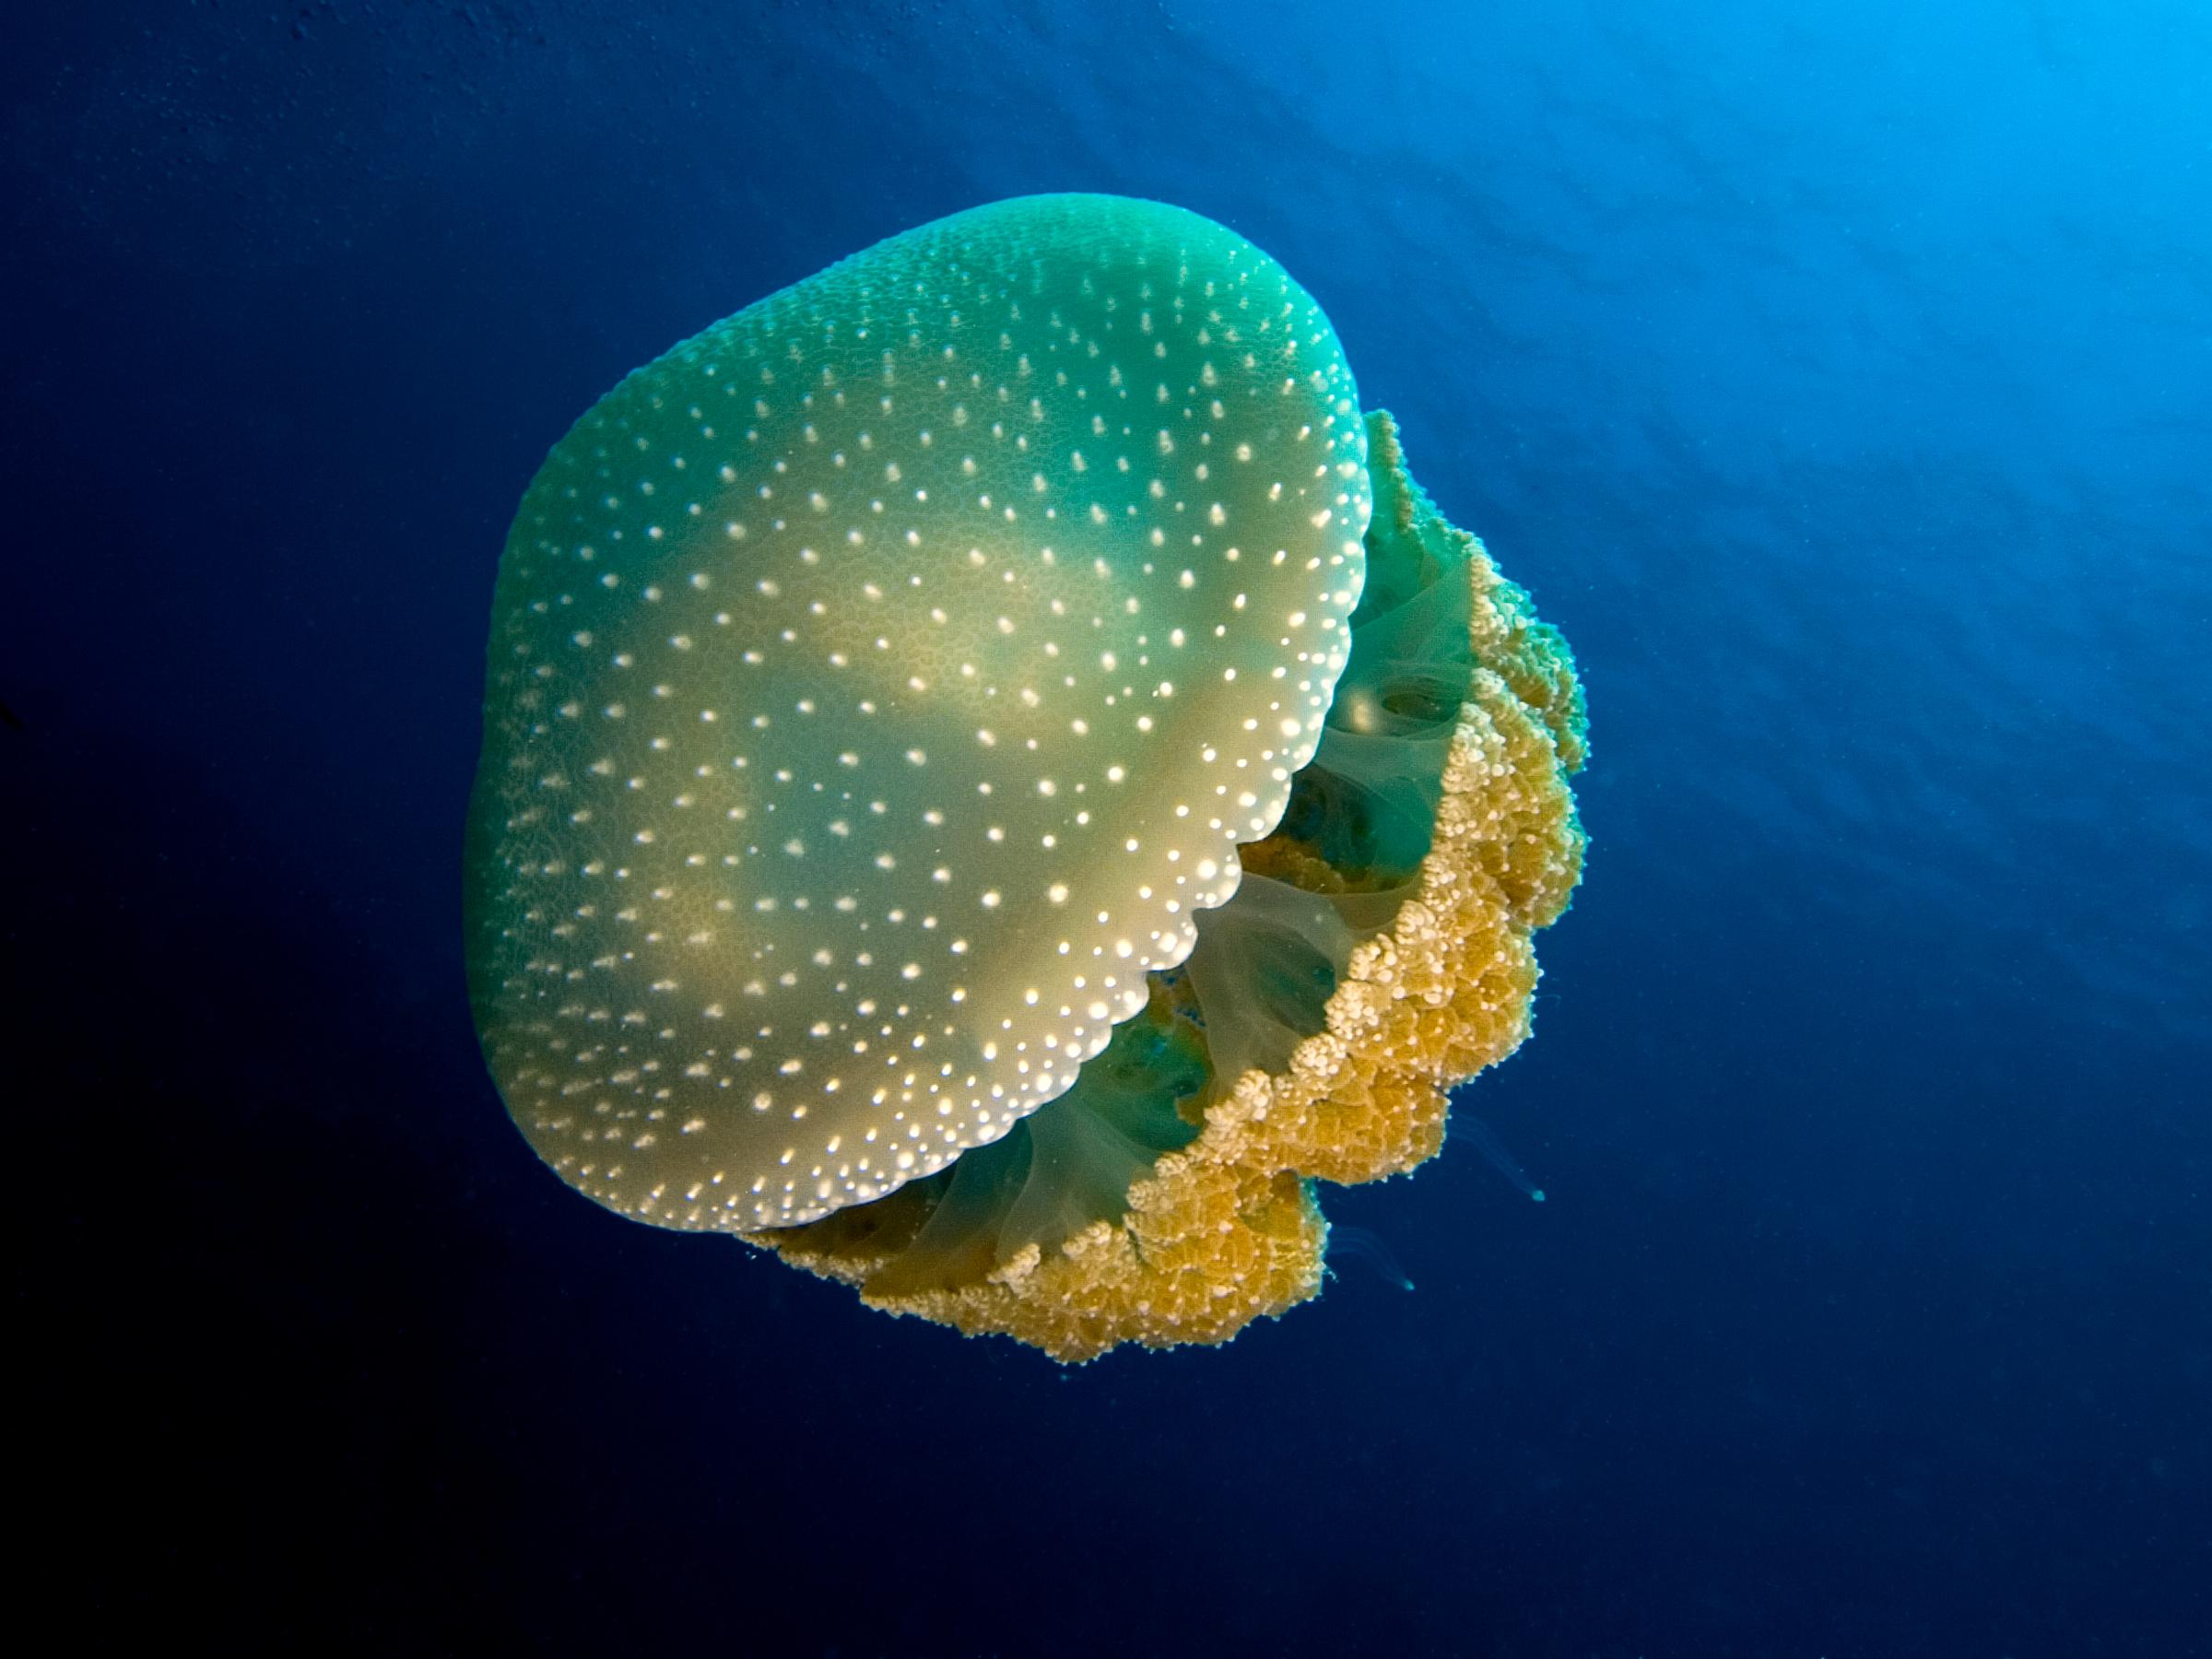 U Wish Jellyfish 15 Remarkable F...